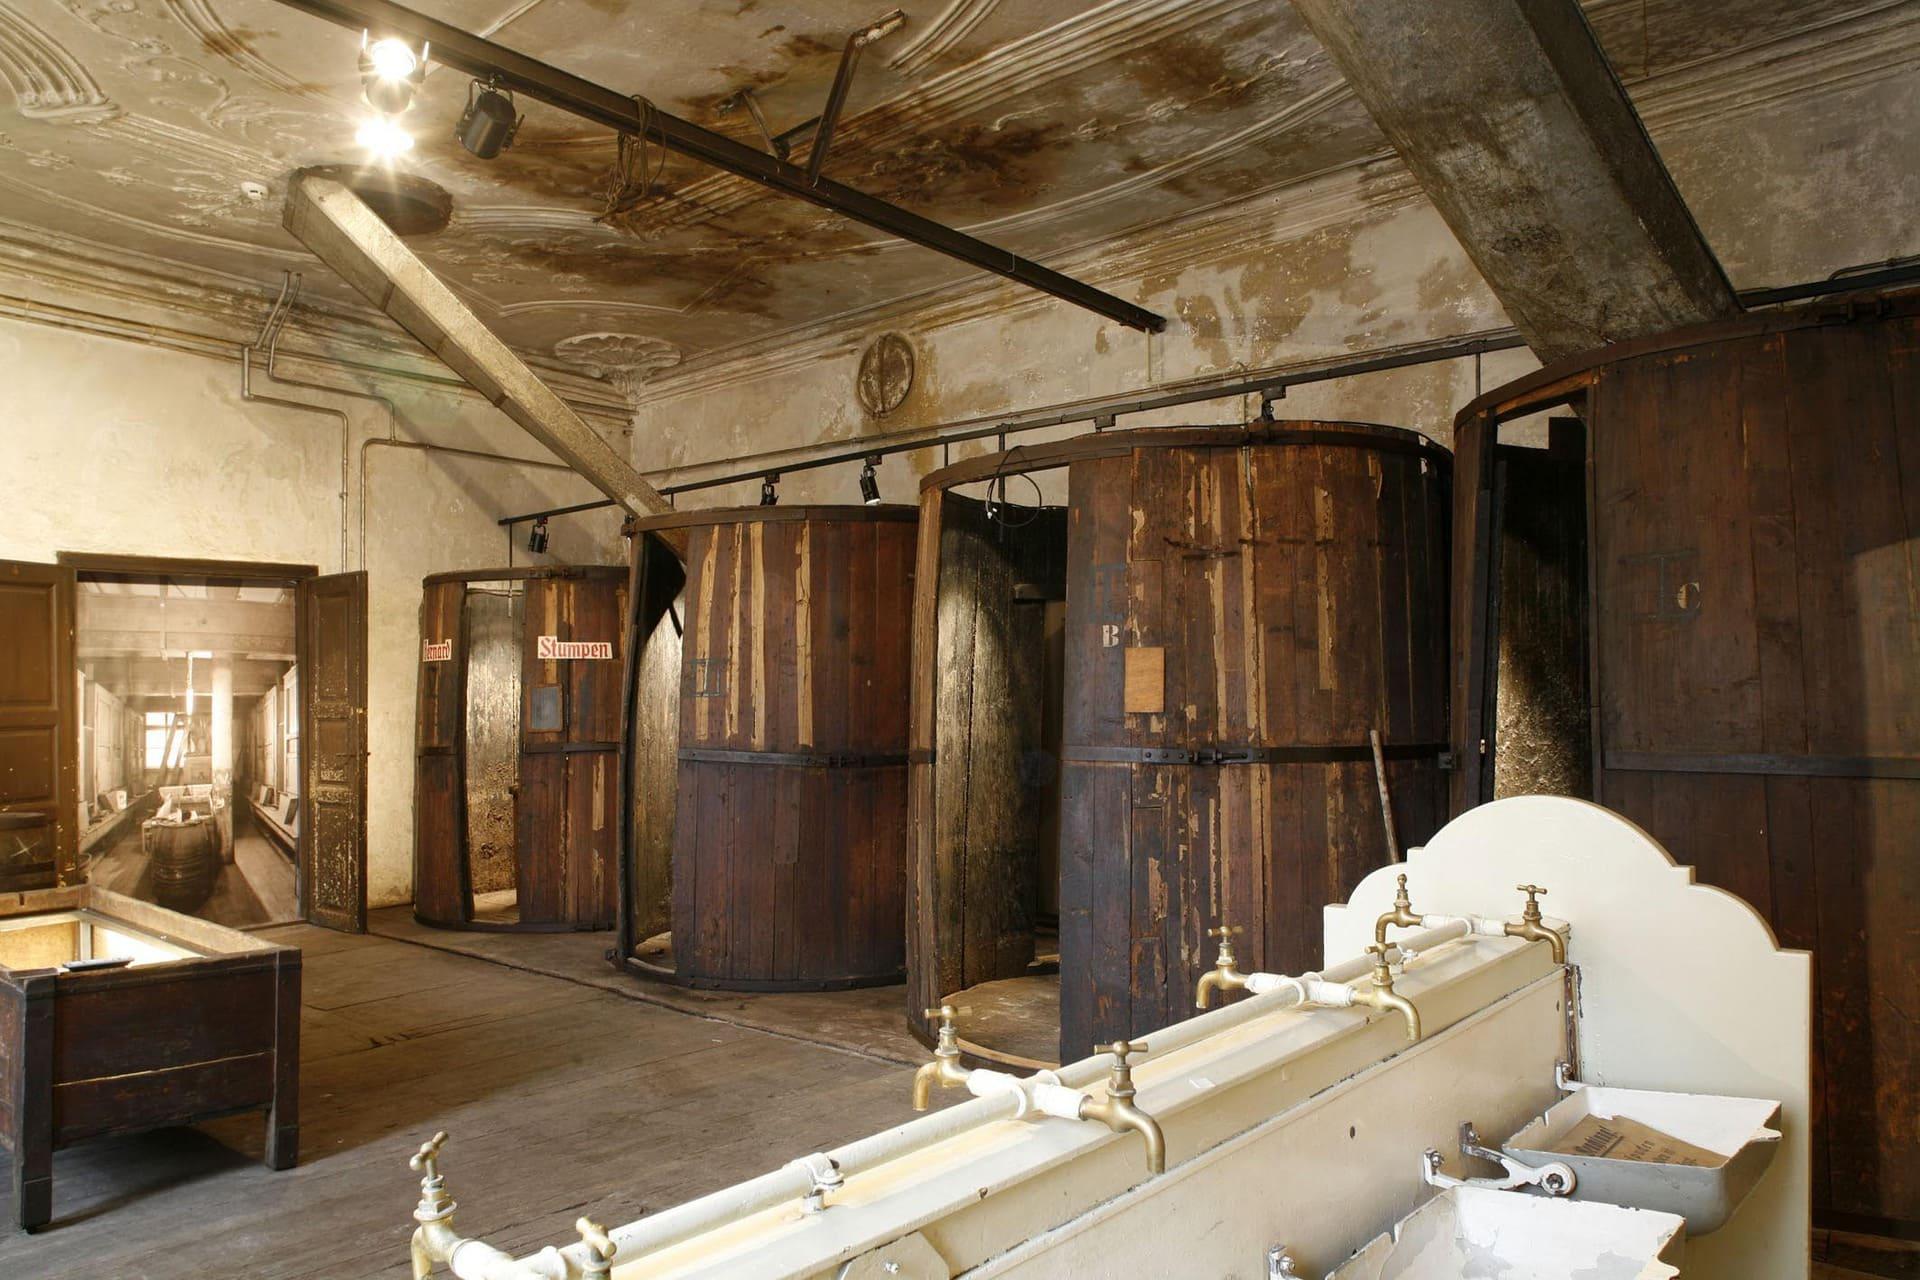 documente Neupfarrplatz und Schnupftabakfabrik wieder zugänglich Auch Gruppenführungen sind möglich